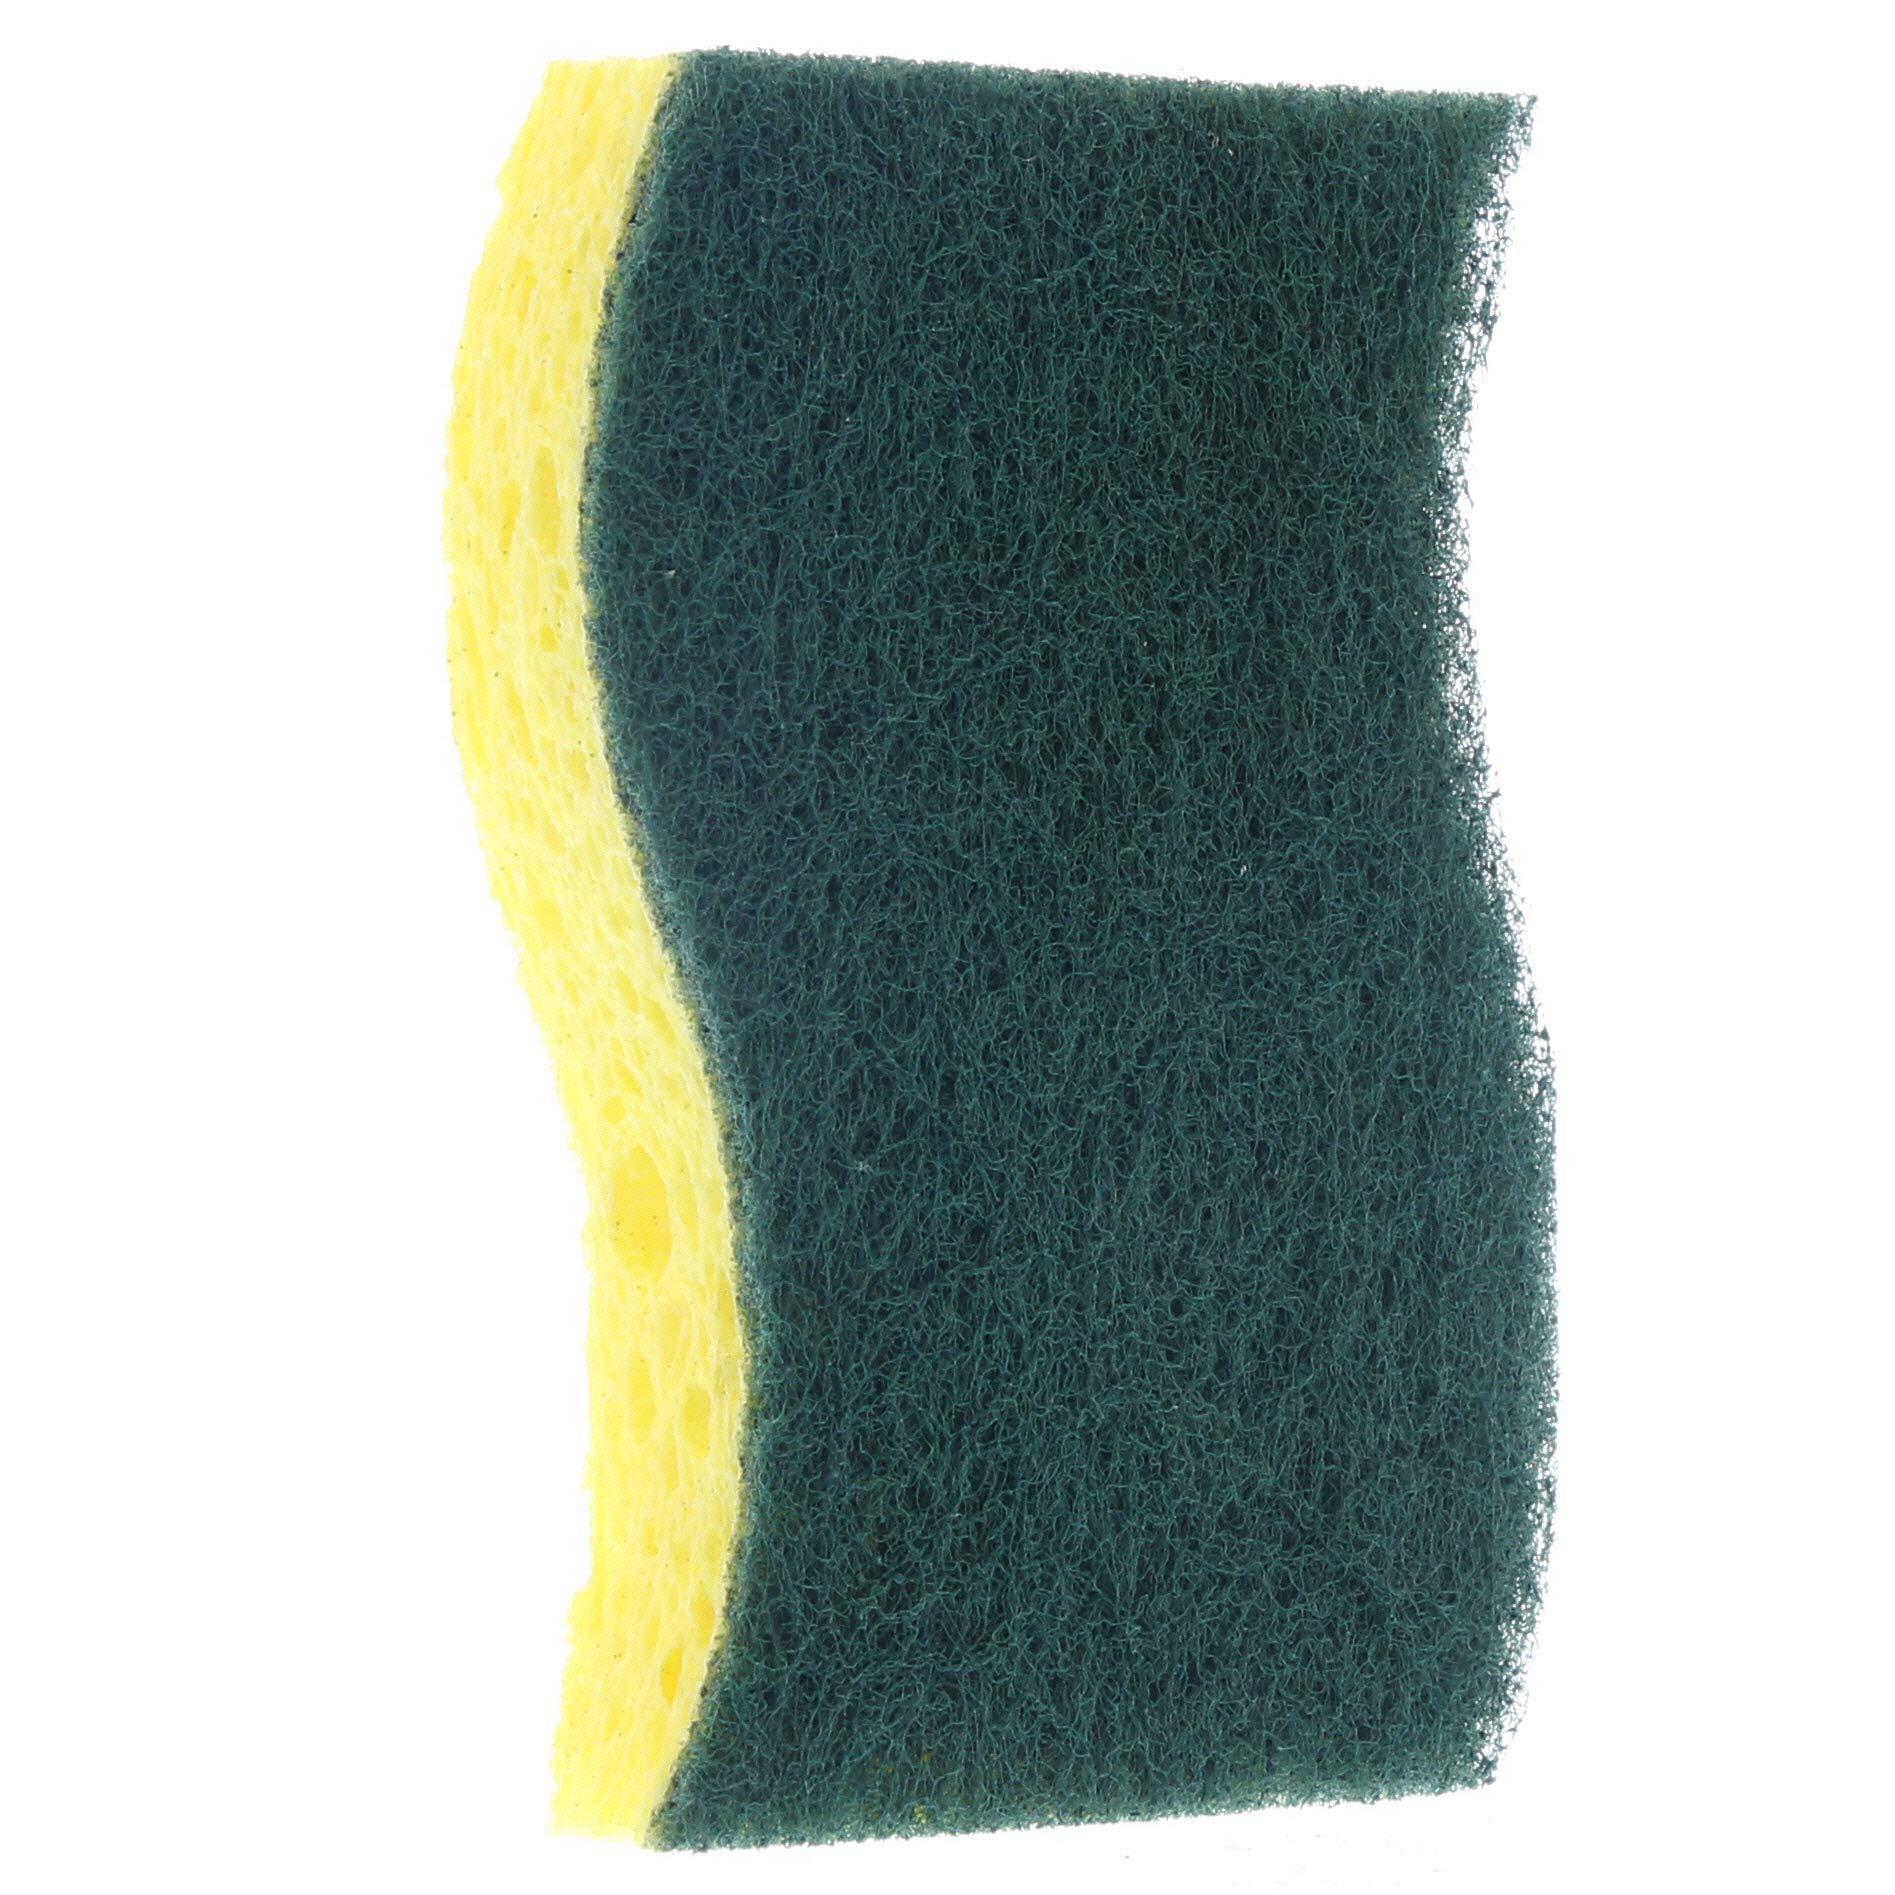 Scotch-Brite Bulk Pack Cleaning Scrub Pads, (80 Count) by Scotch-Brite (Image #4)